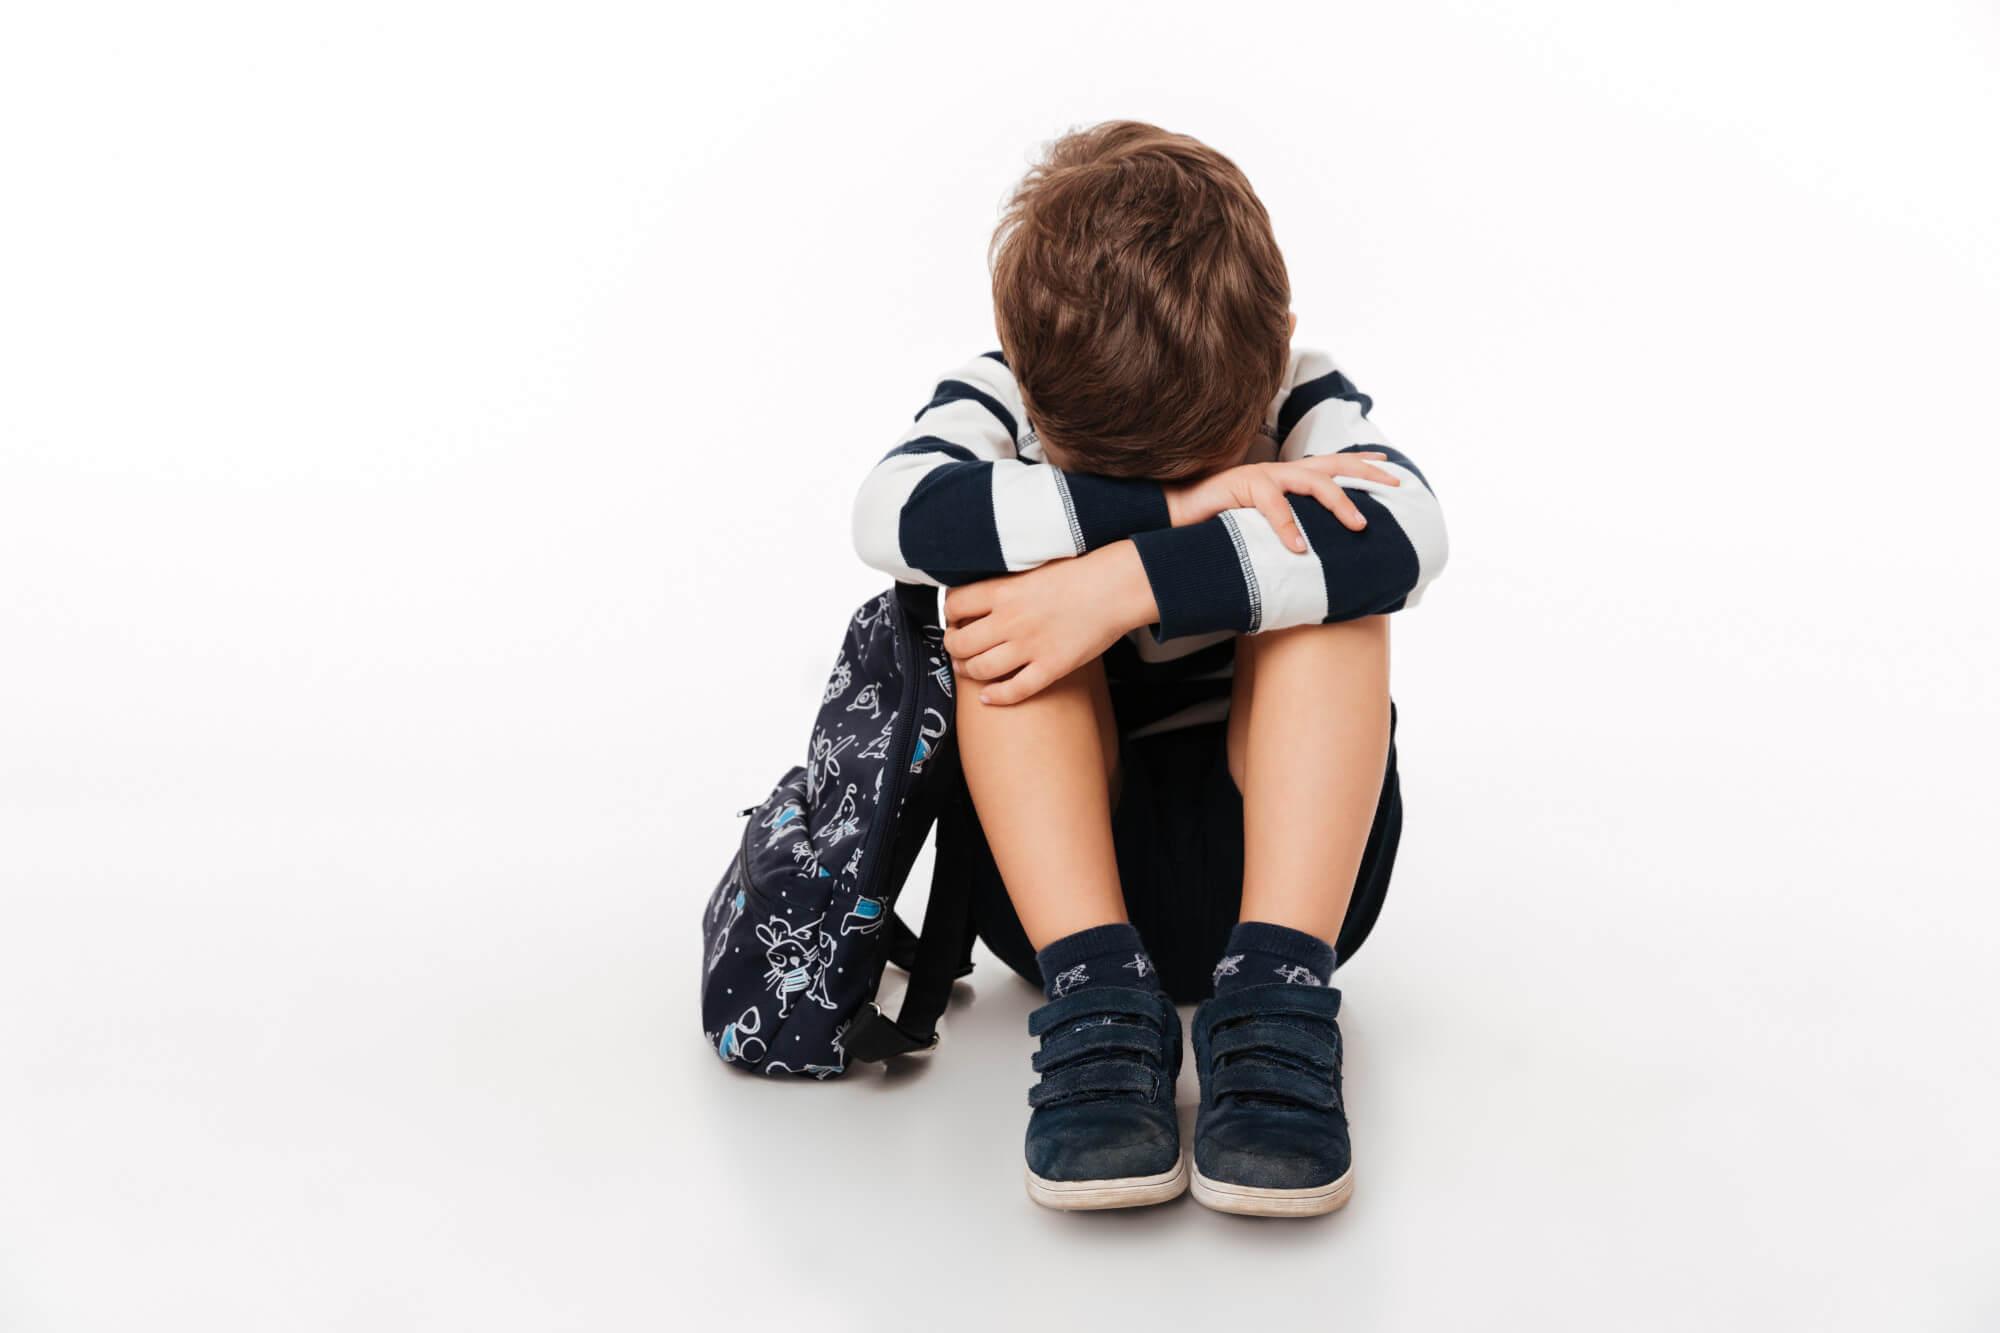 Chlapec sedí vedle batohu s hlavou v klíně